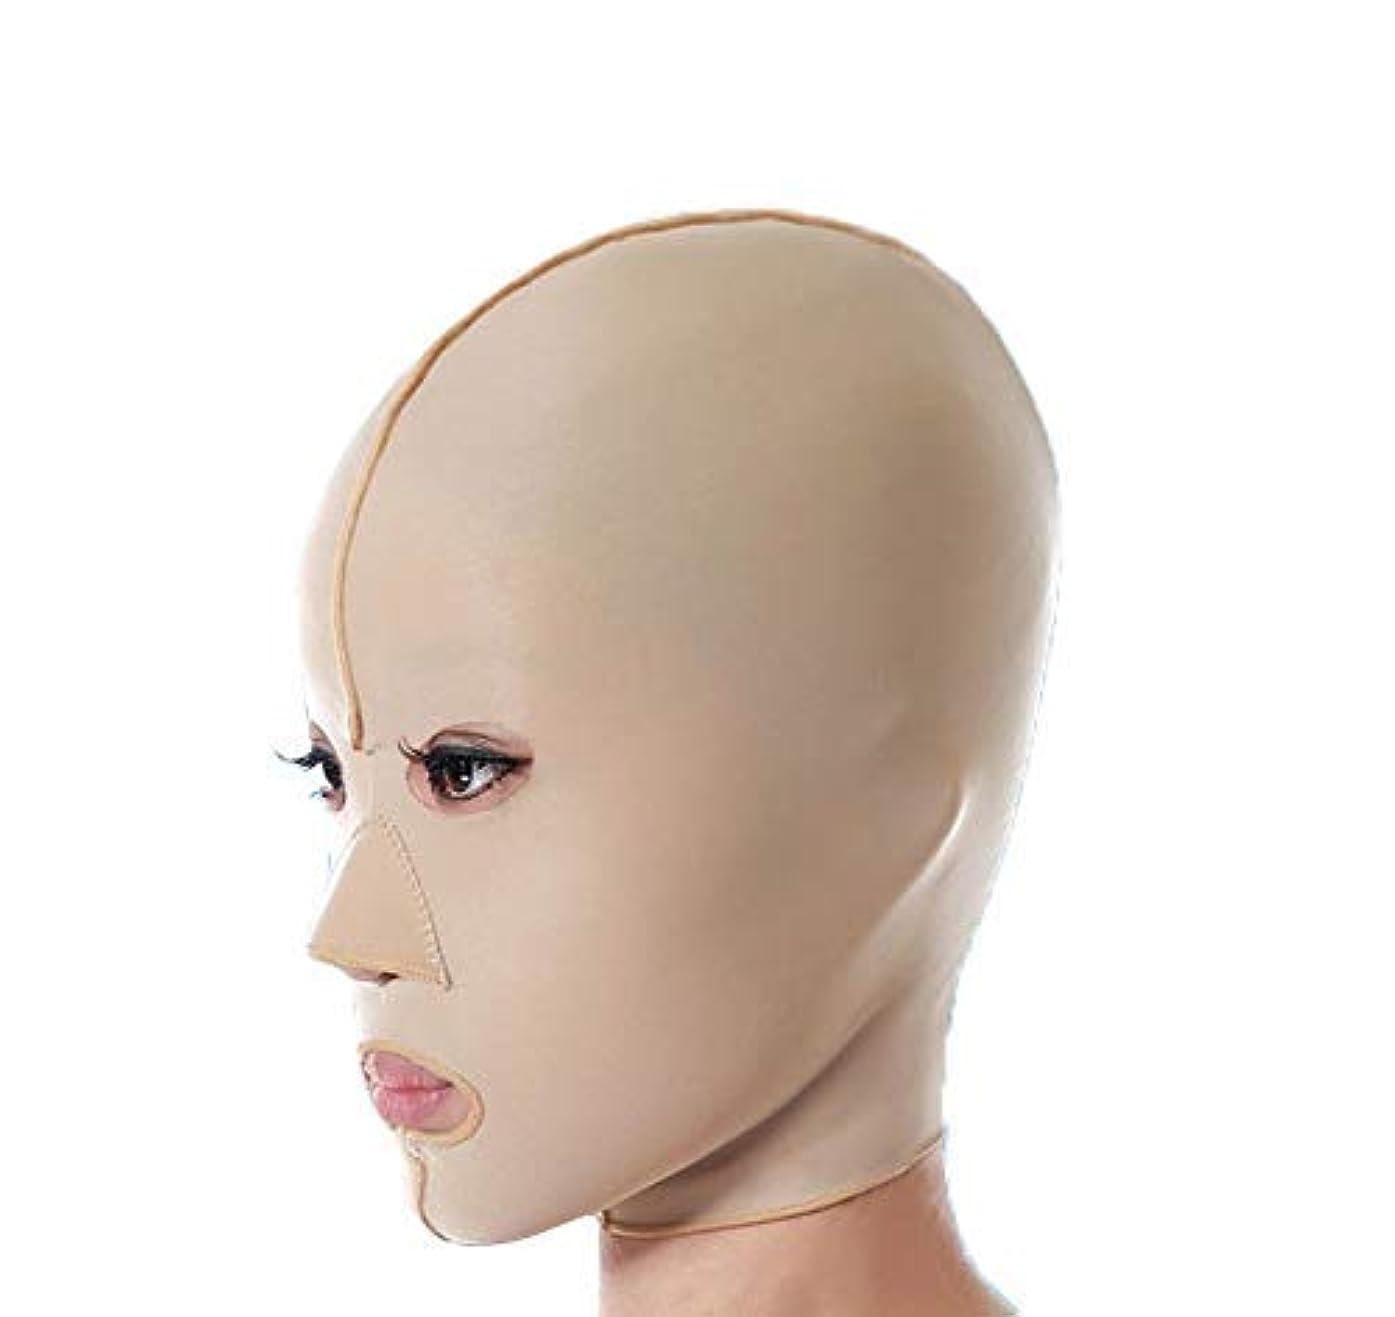 ファーミングフェイスマスク、フェイシャルマスク医学強力なフェイスマスクアーティファクト美容垂れ防止法パターンフェイシャルリフティングファーミングフルフェイスマスク(サイズ:M),S